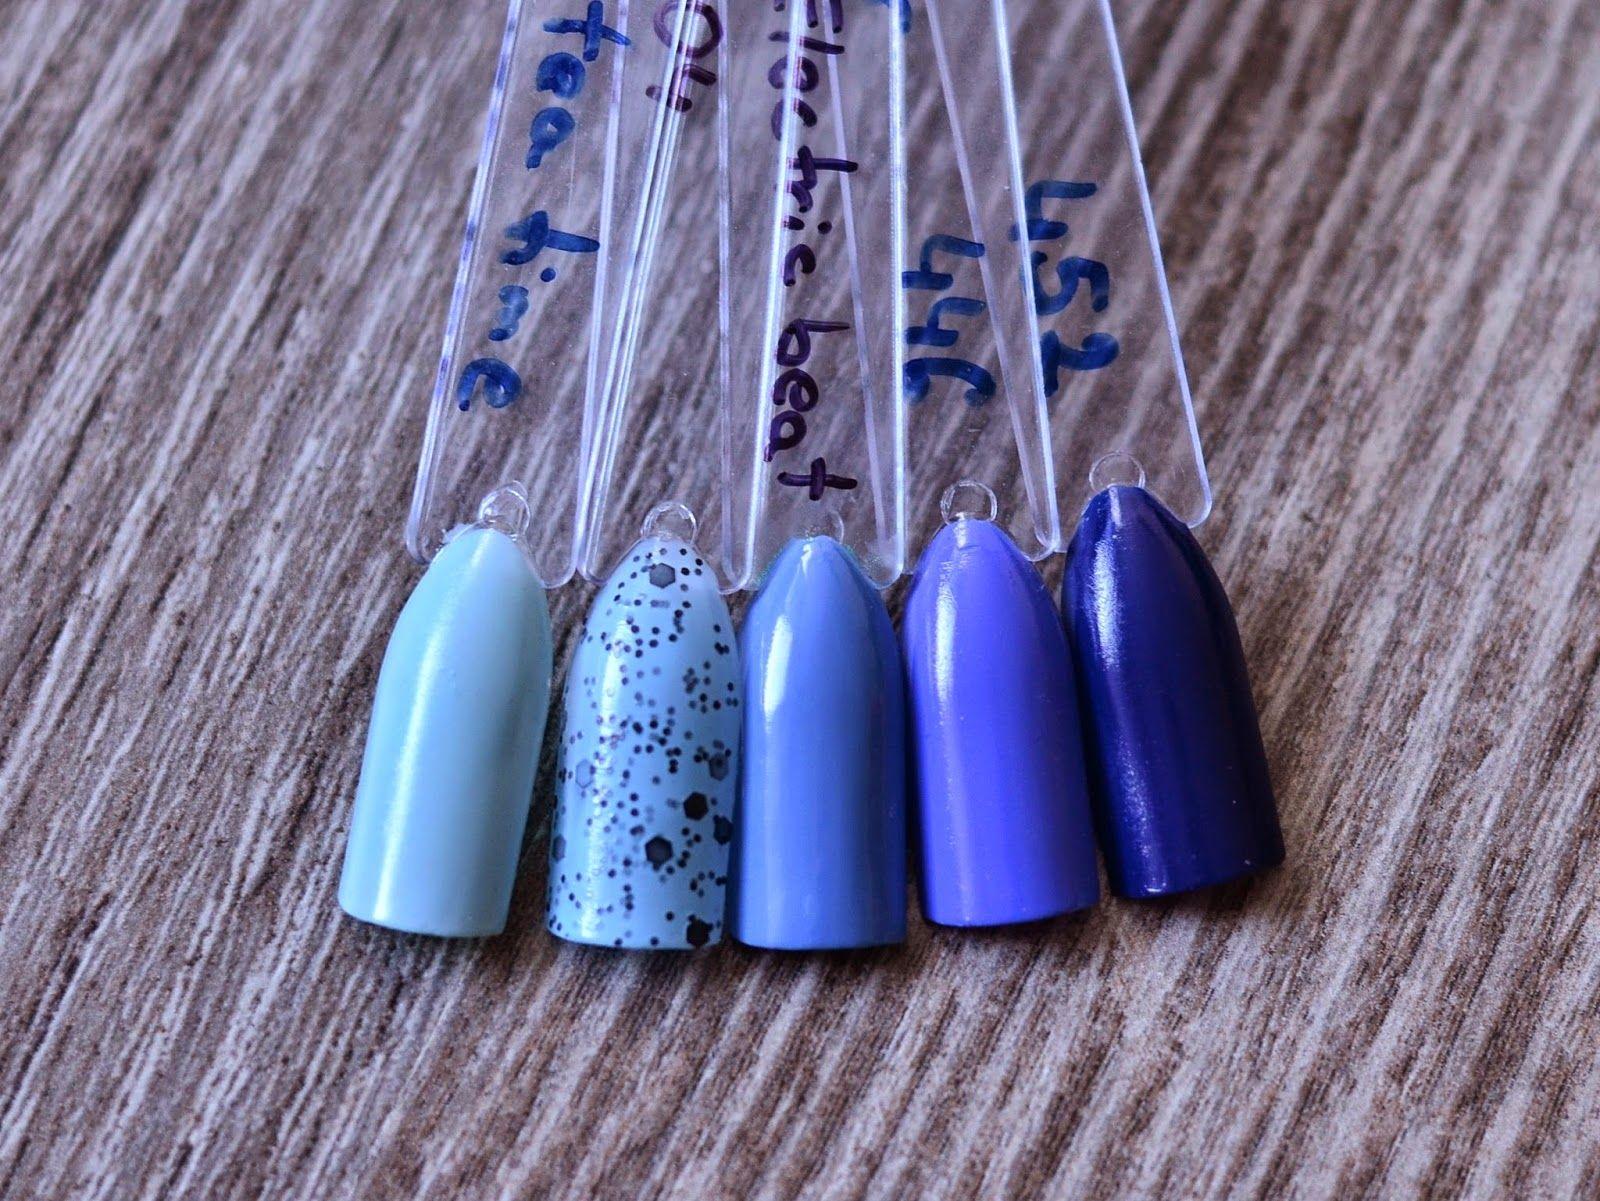 Nail polish color display sticks